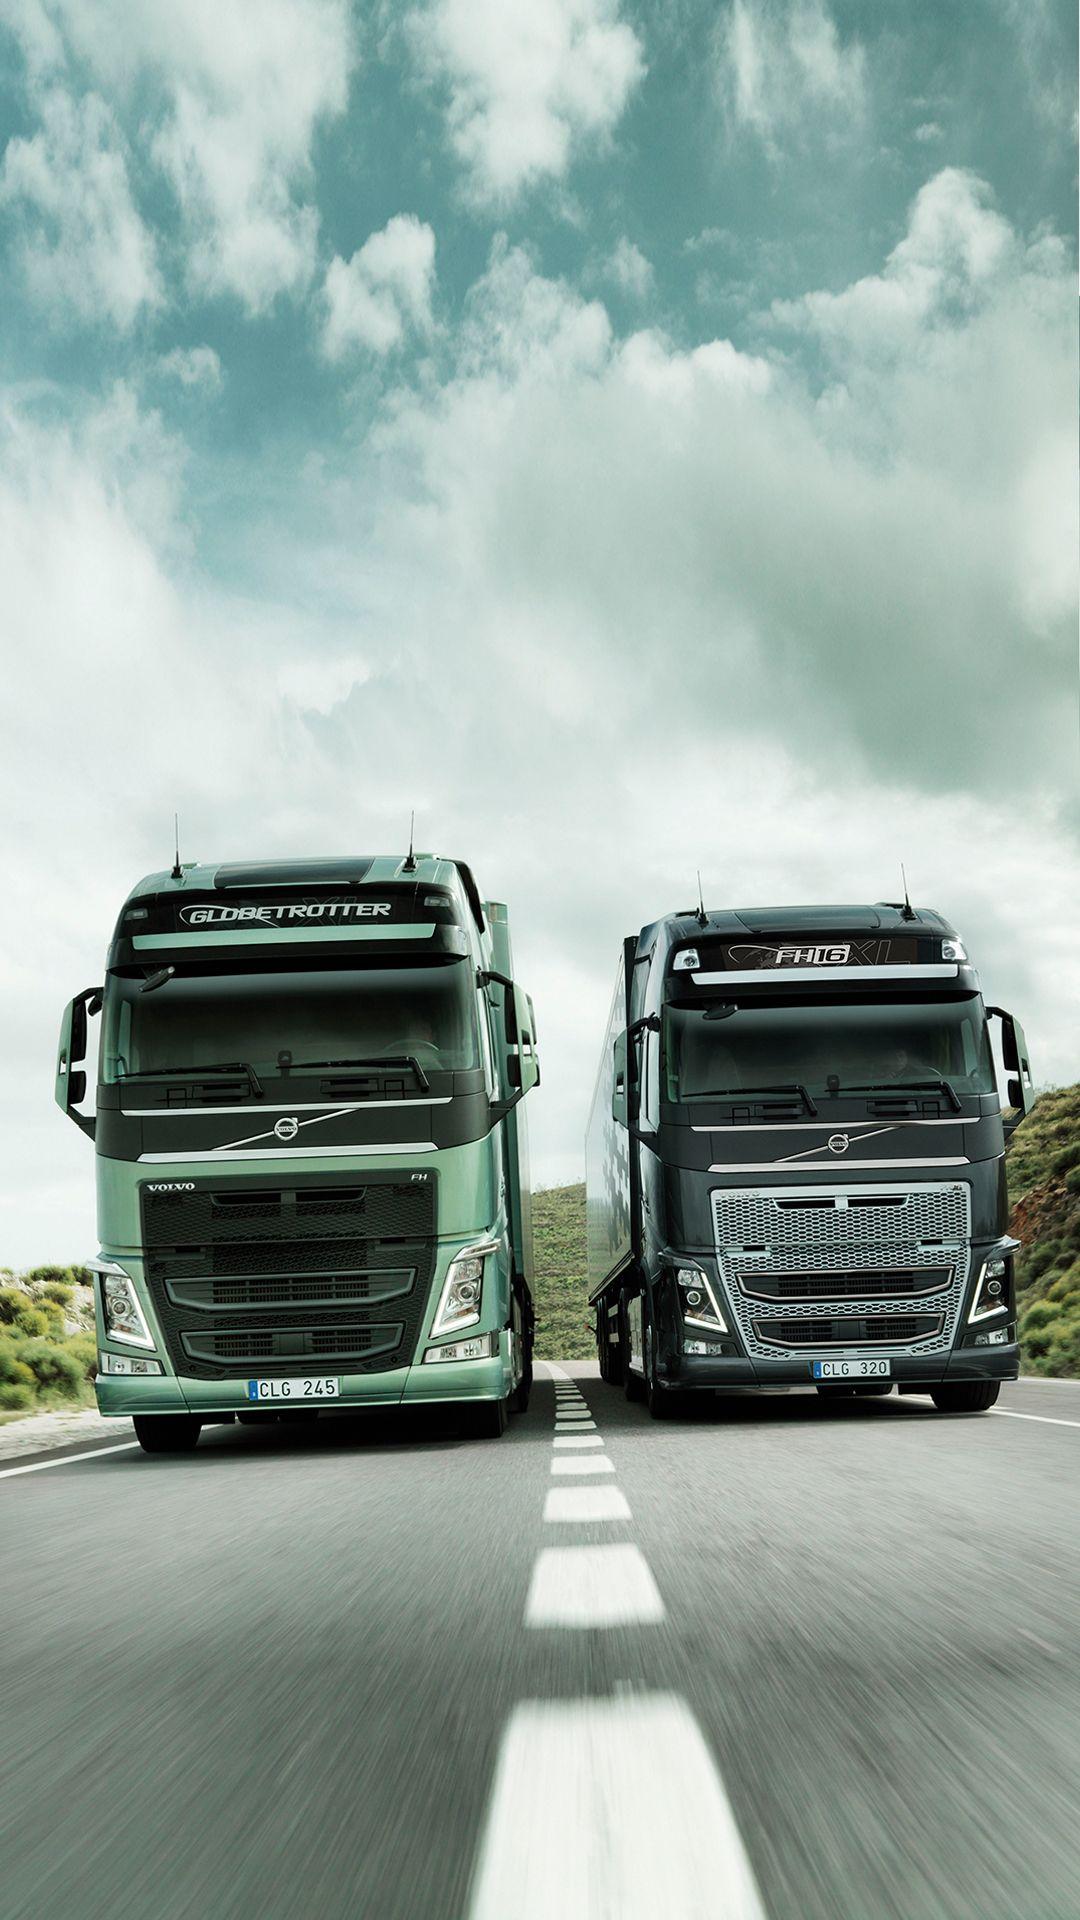 Pin By Zola On Volvo Trucks Volvo Trucks Volvo Vehicles